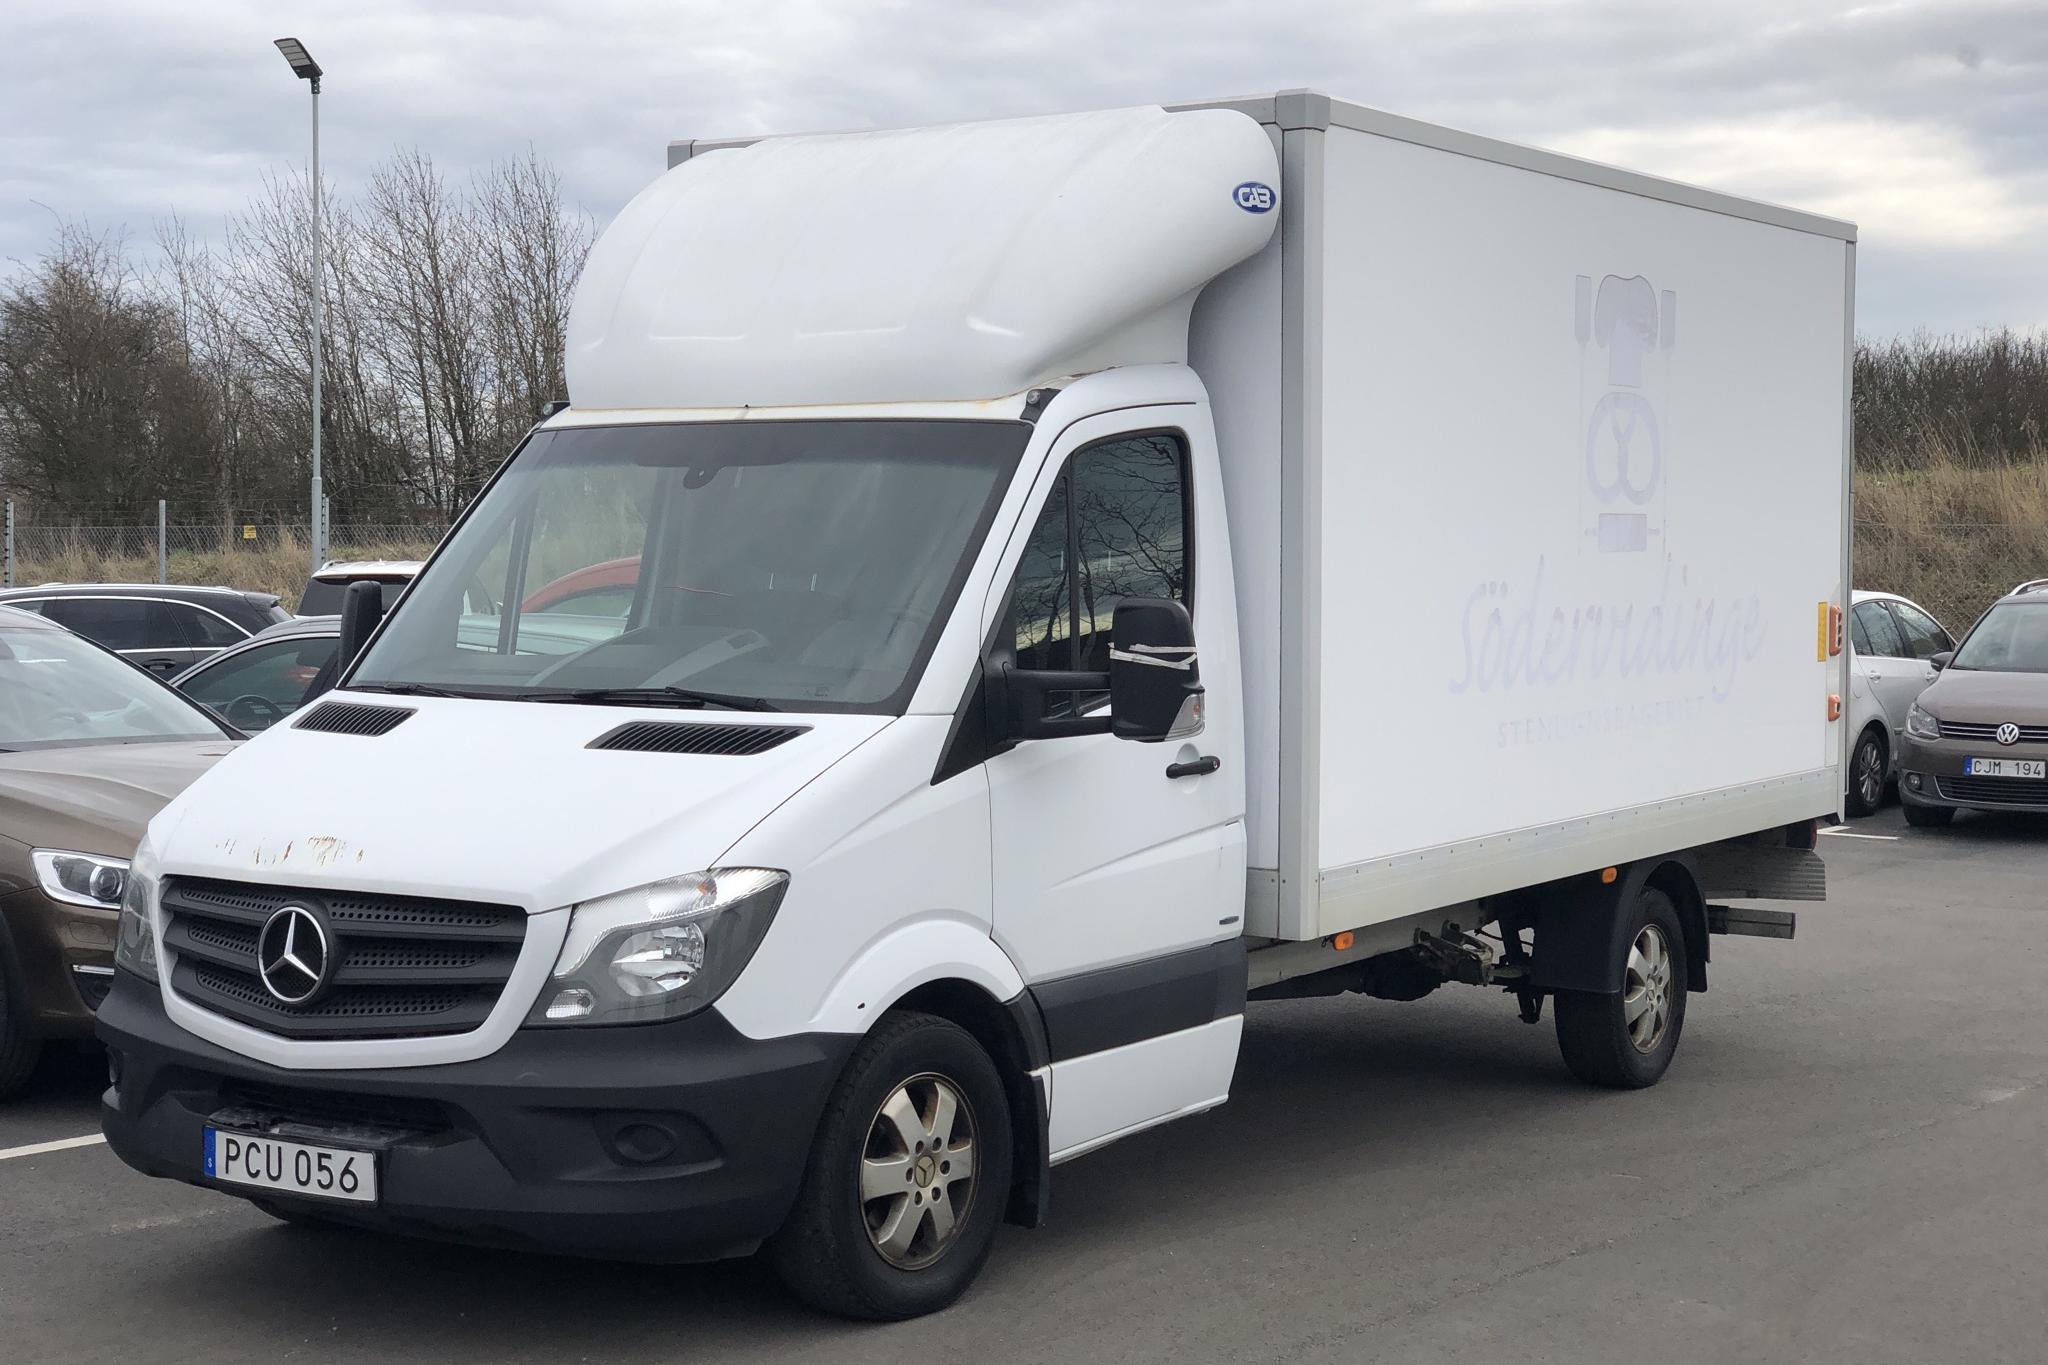 Mercedes Sprinter 314 CDI Volymskåp (143hk) - 12 564 mil - Automat - vit - 2017